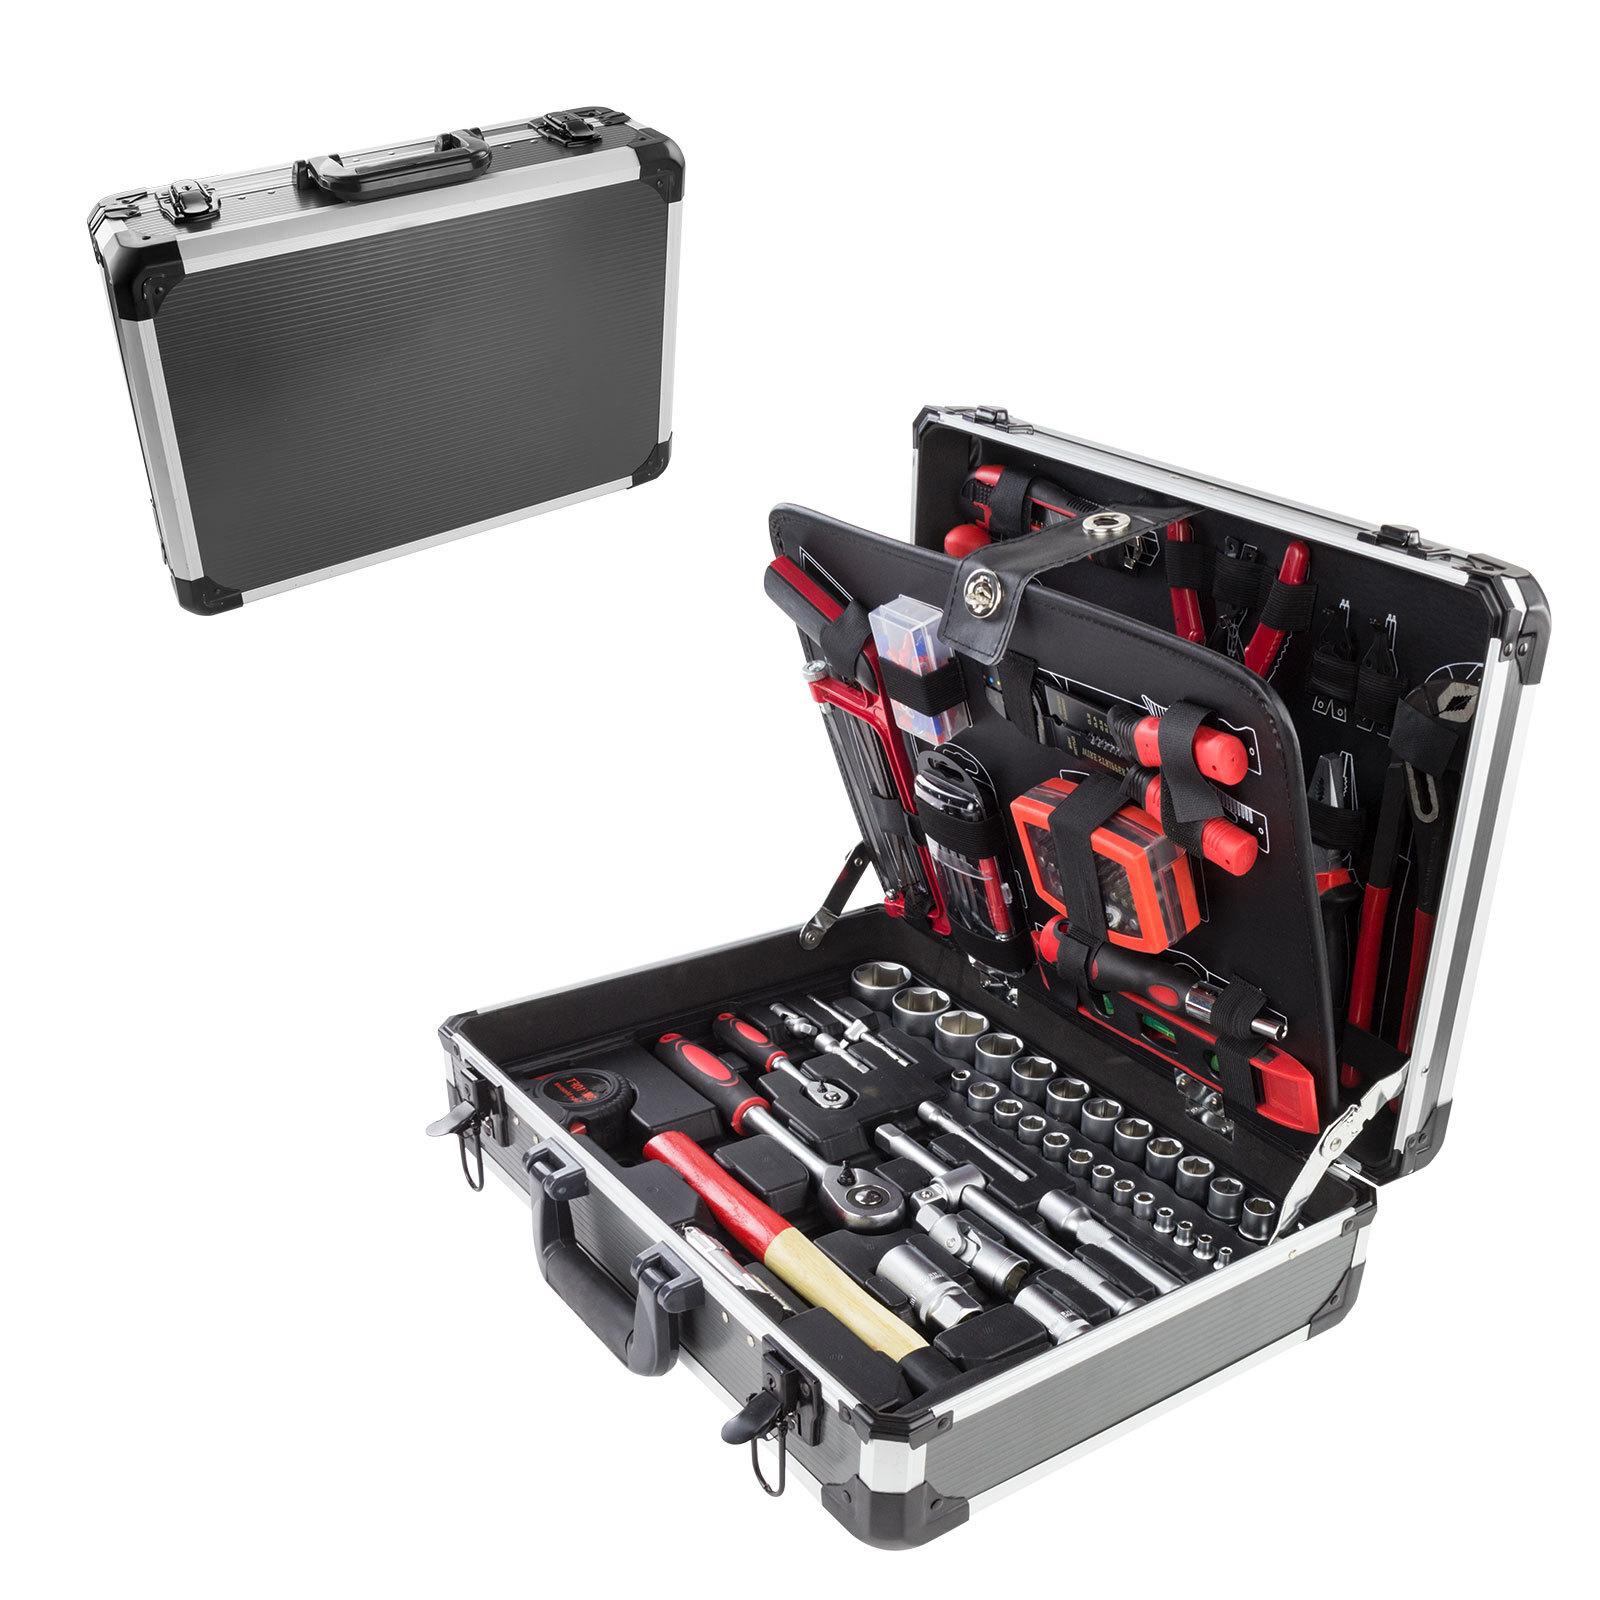 alu werkzeugkoffer werkzeugkiste werkzeugbox koffer mit. Black Bedroom Furniture Sets. Home Design Ideas